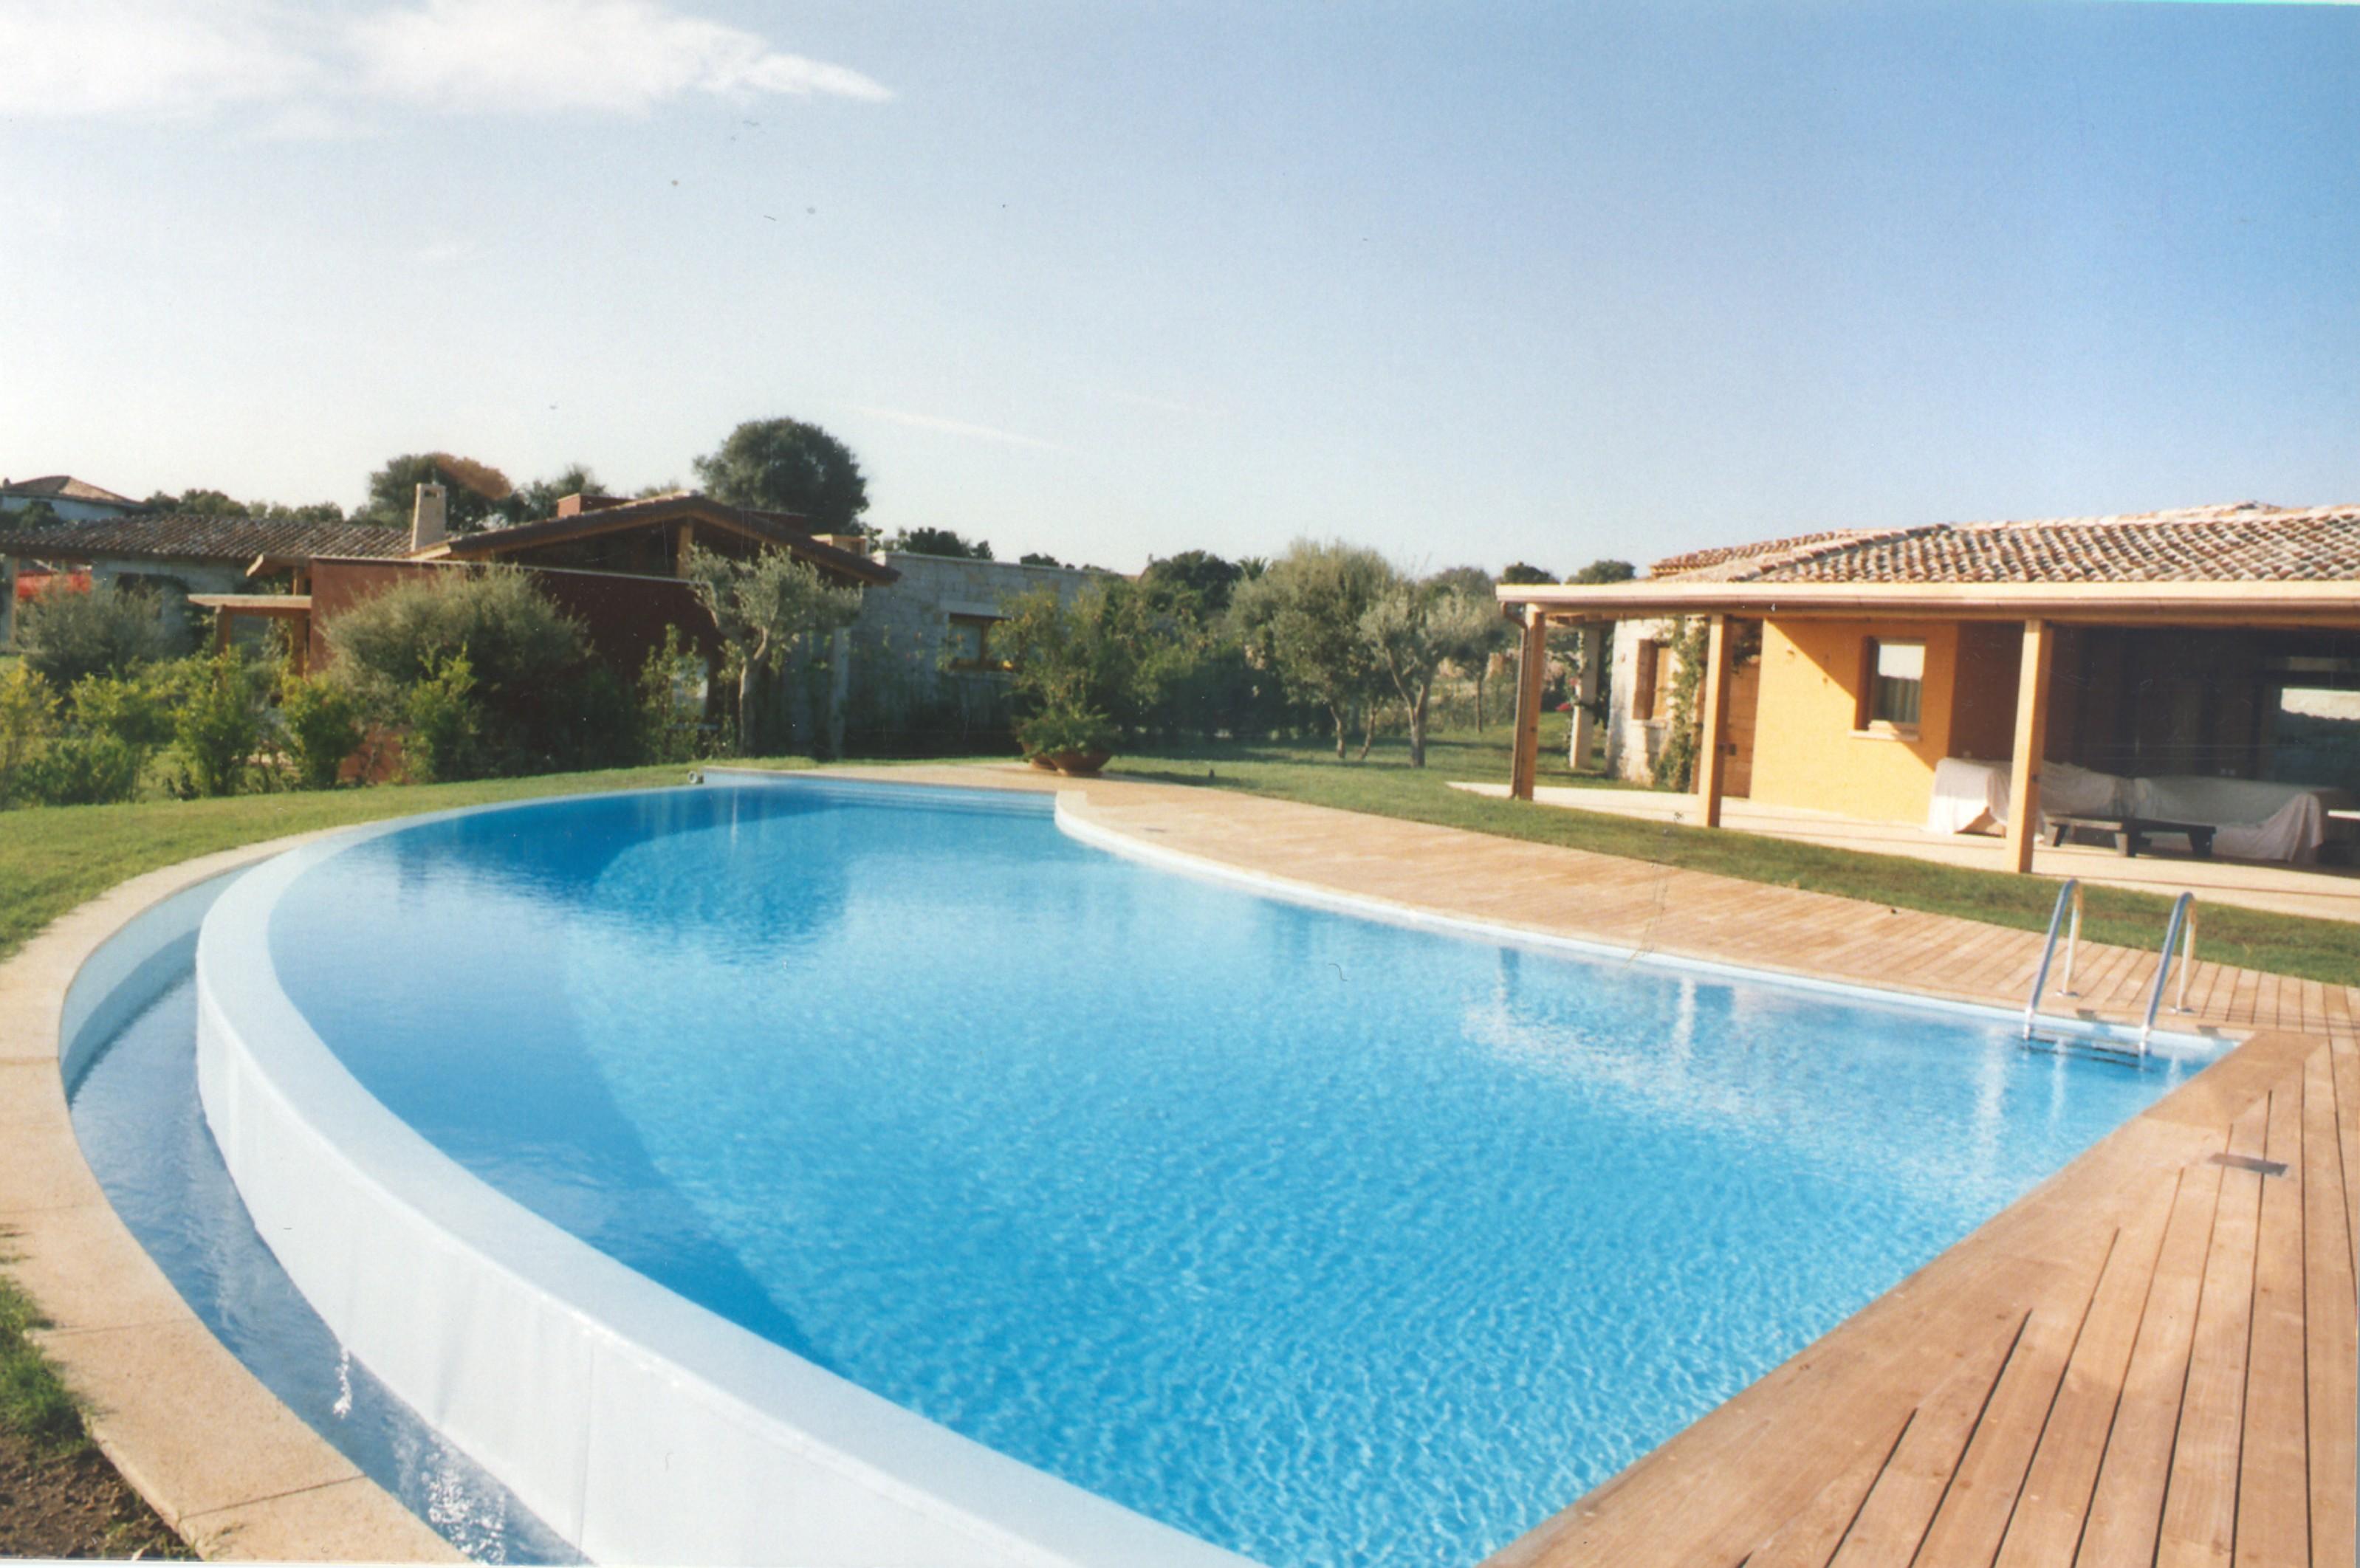 Piscine Sfioro A Cascata piscine a sfioro: caratteristiche, vantaggi e svantaggi